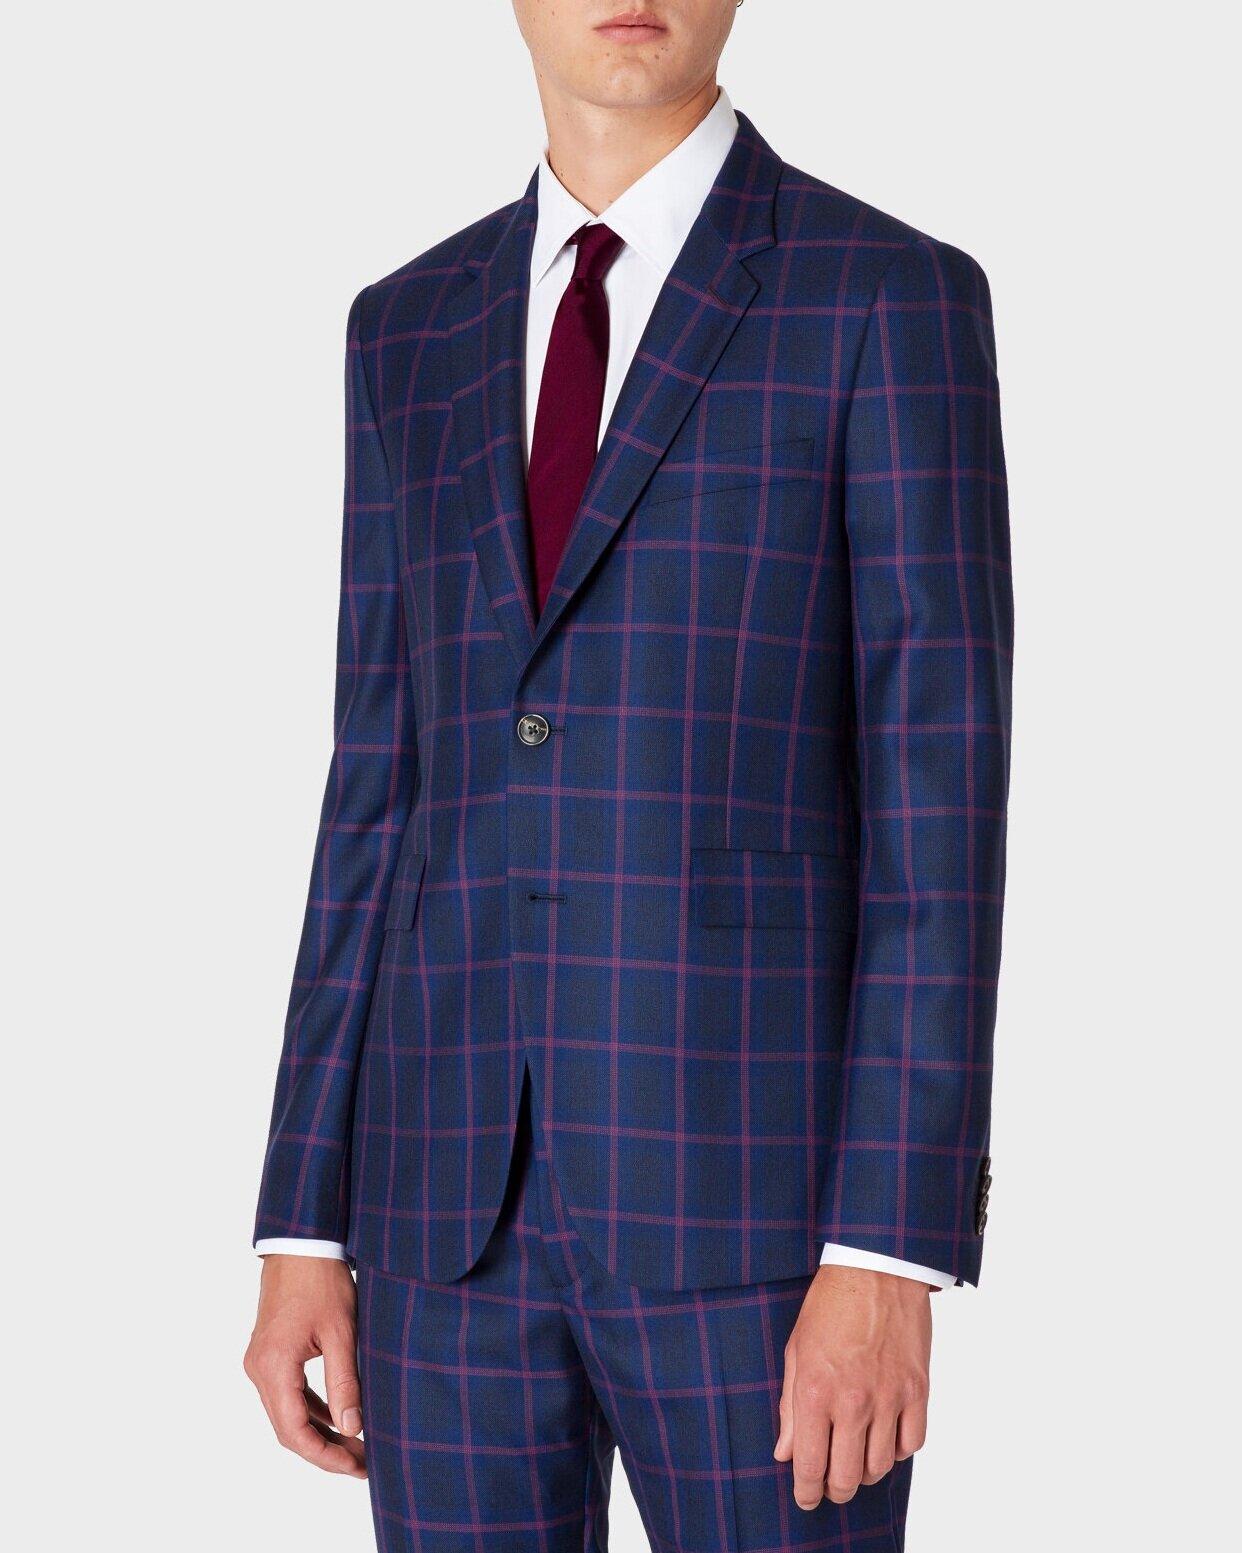 △ Paul Smith The Kensington - Men's Slim-Fit Navy Ombre-Windowpane Check Suit  £1,055.00 (~HK$10,260)